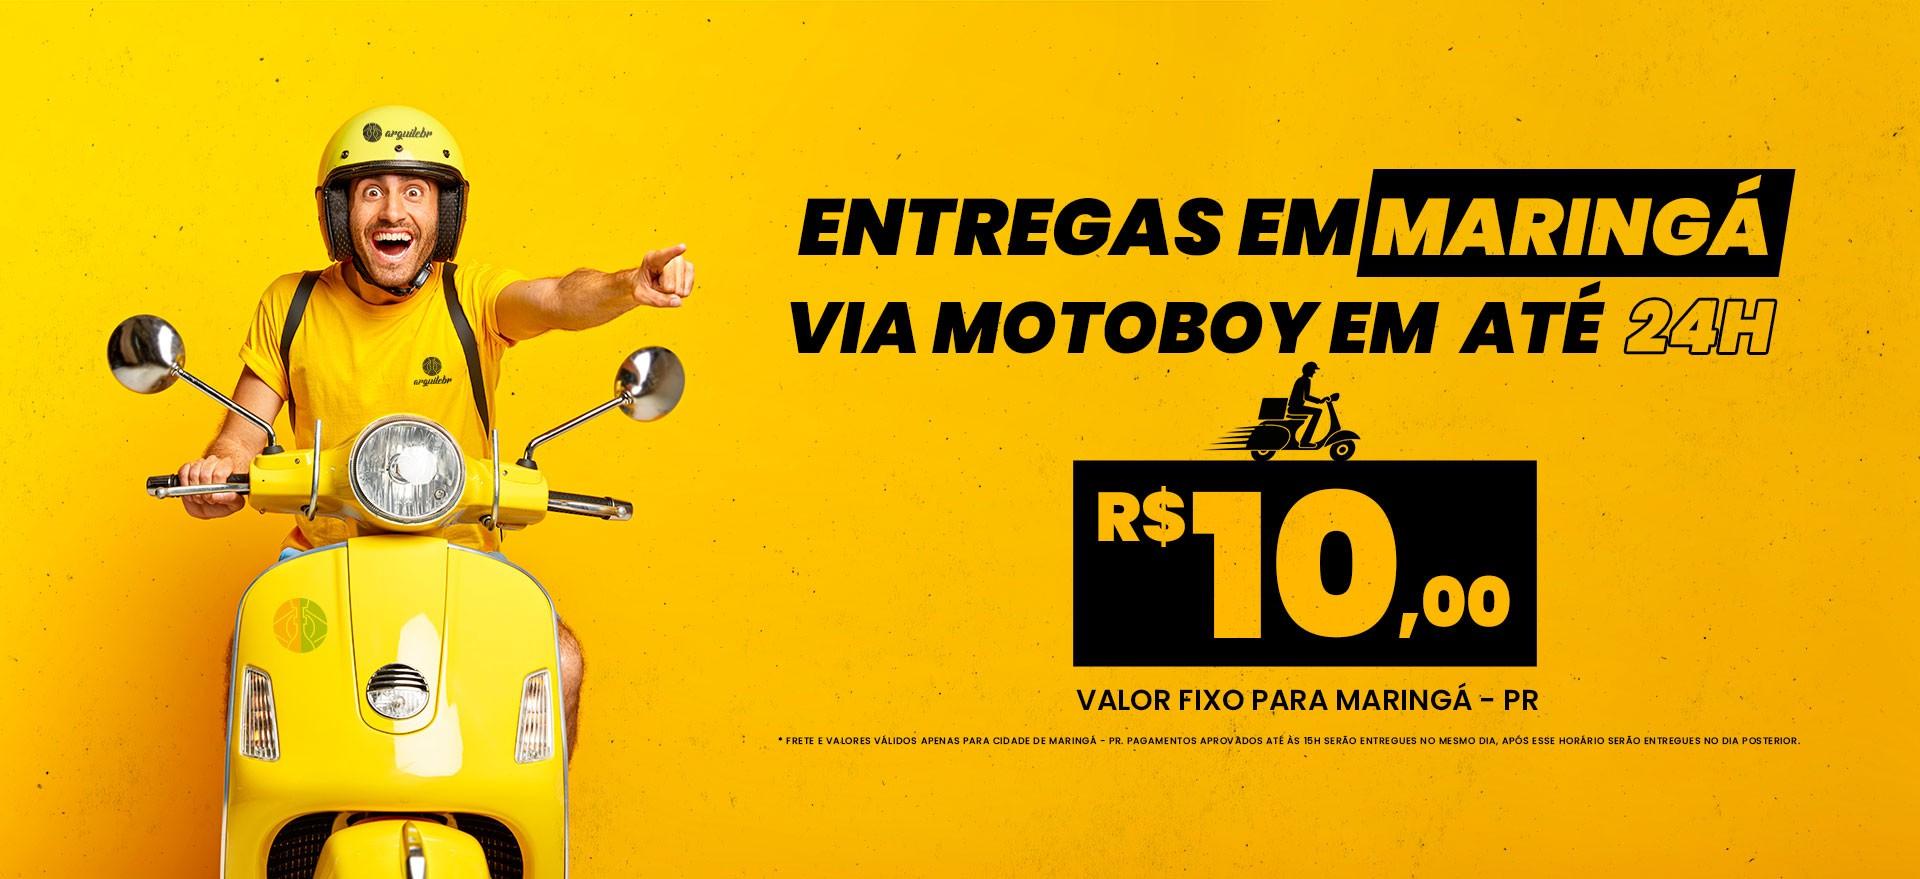 Entregas em até 24h via motoboy em Maringá